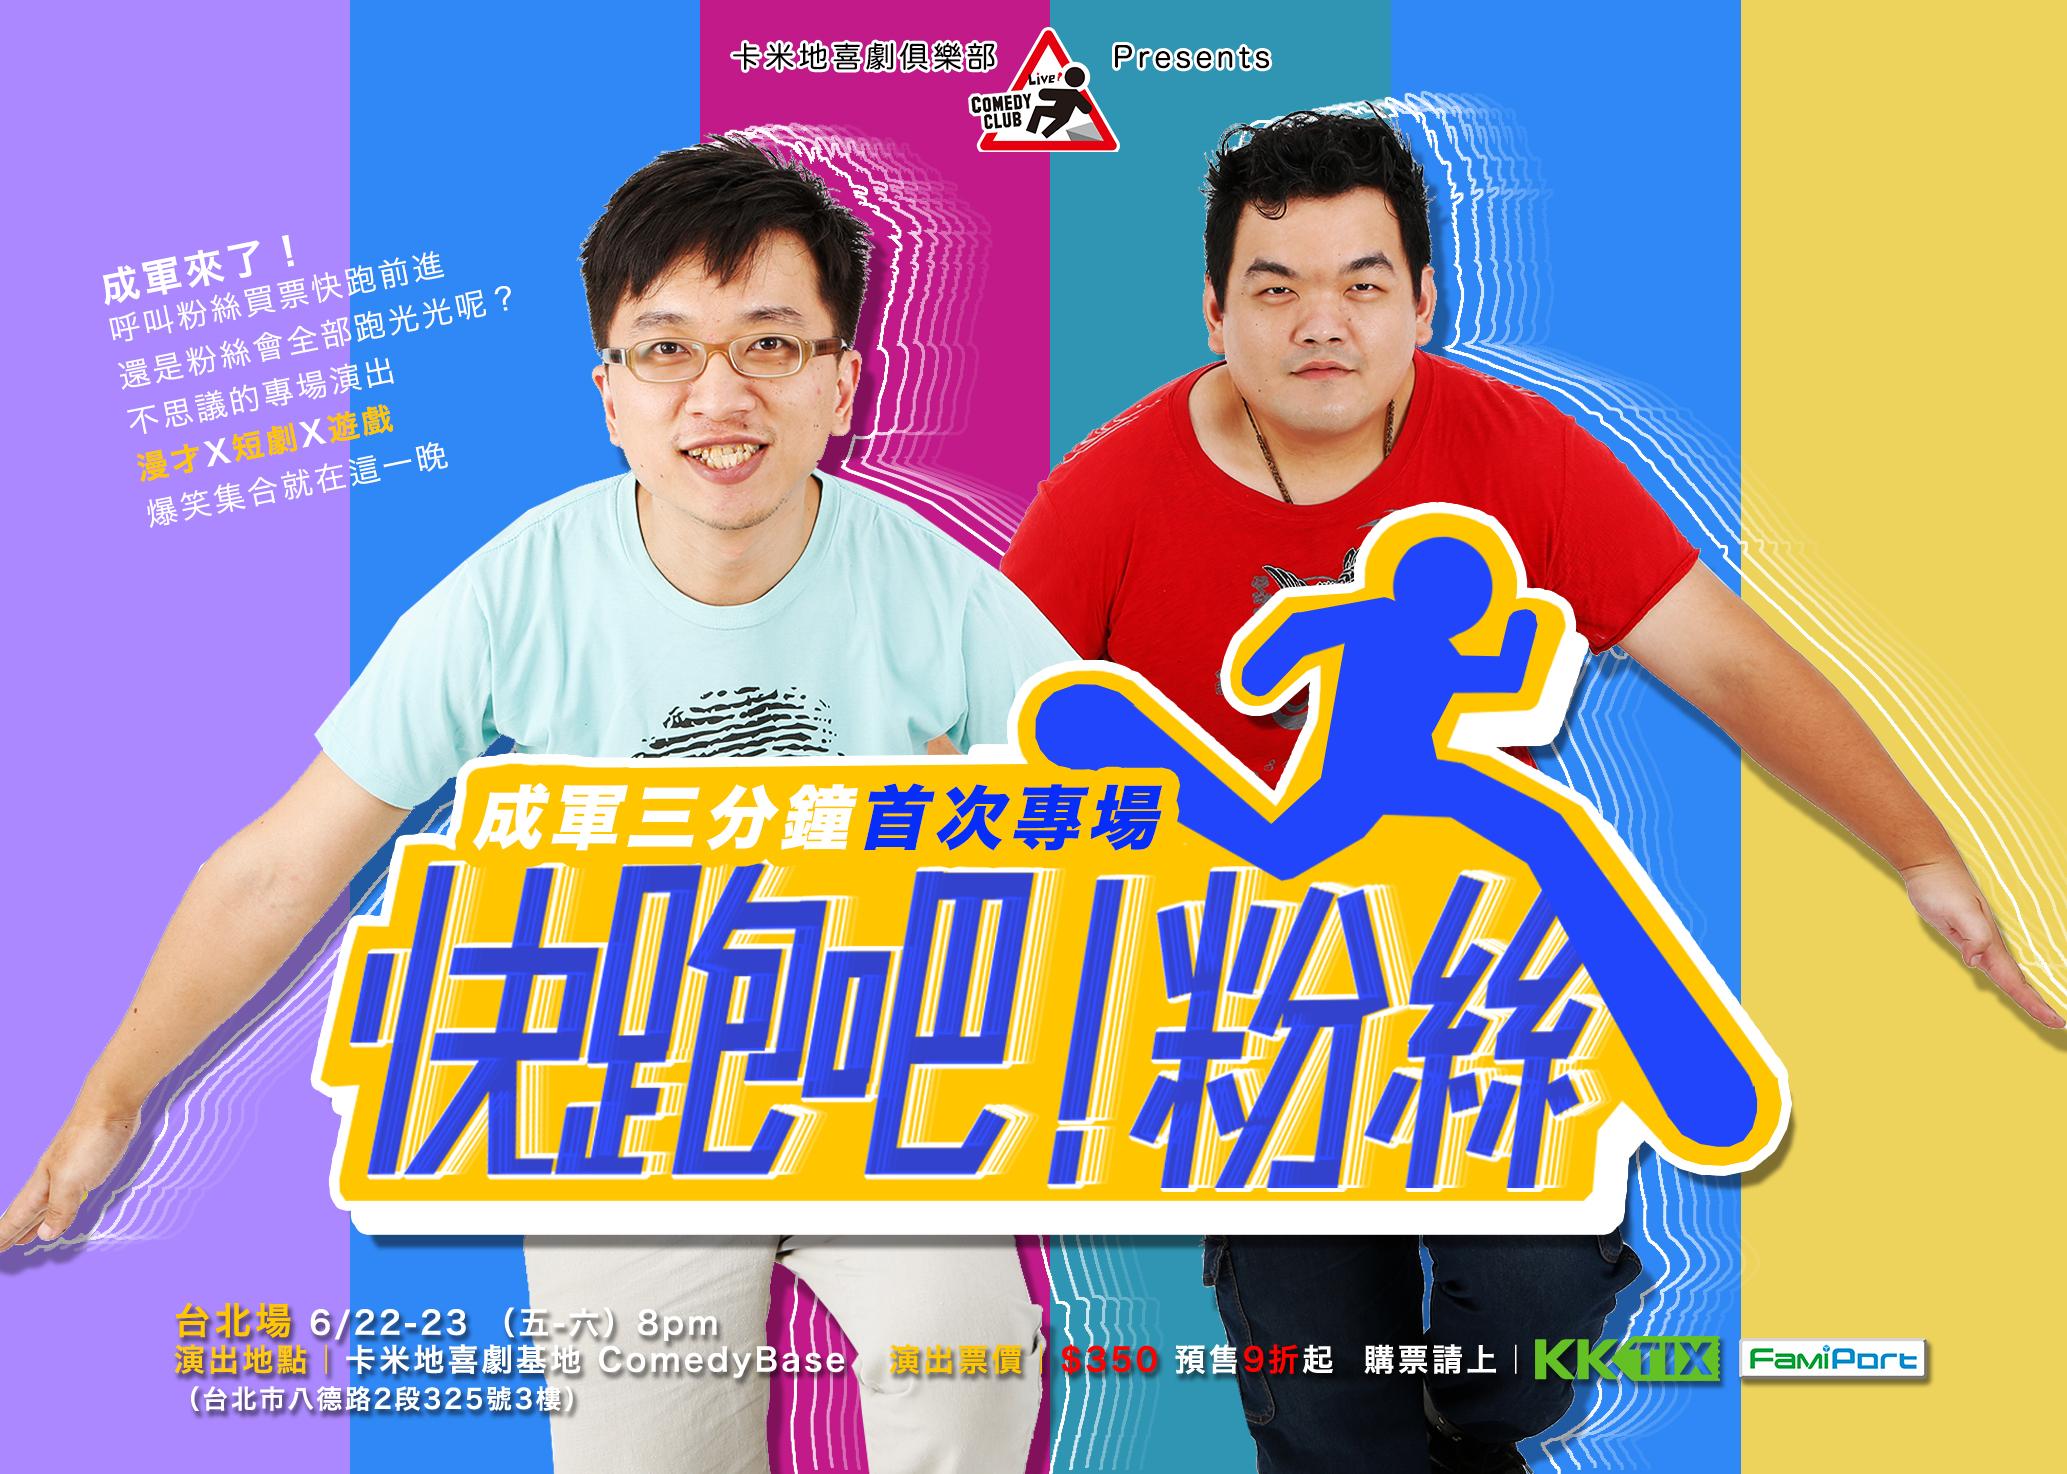 9/1@8pm 成軍三分鐘首次專場 :快跑吧!粉絲 (好評加演)